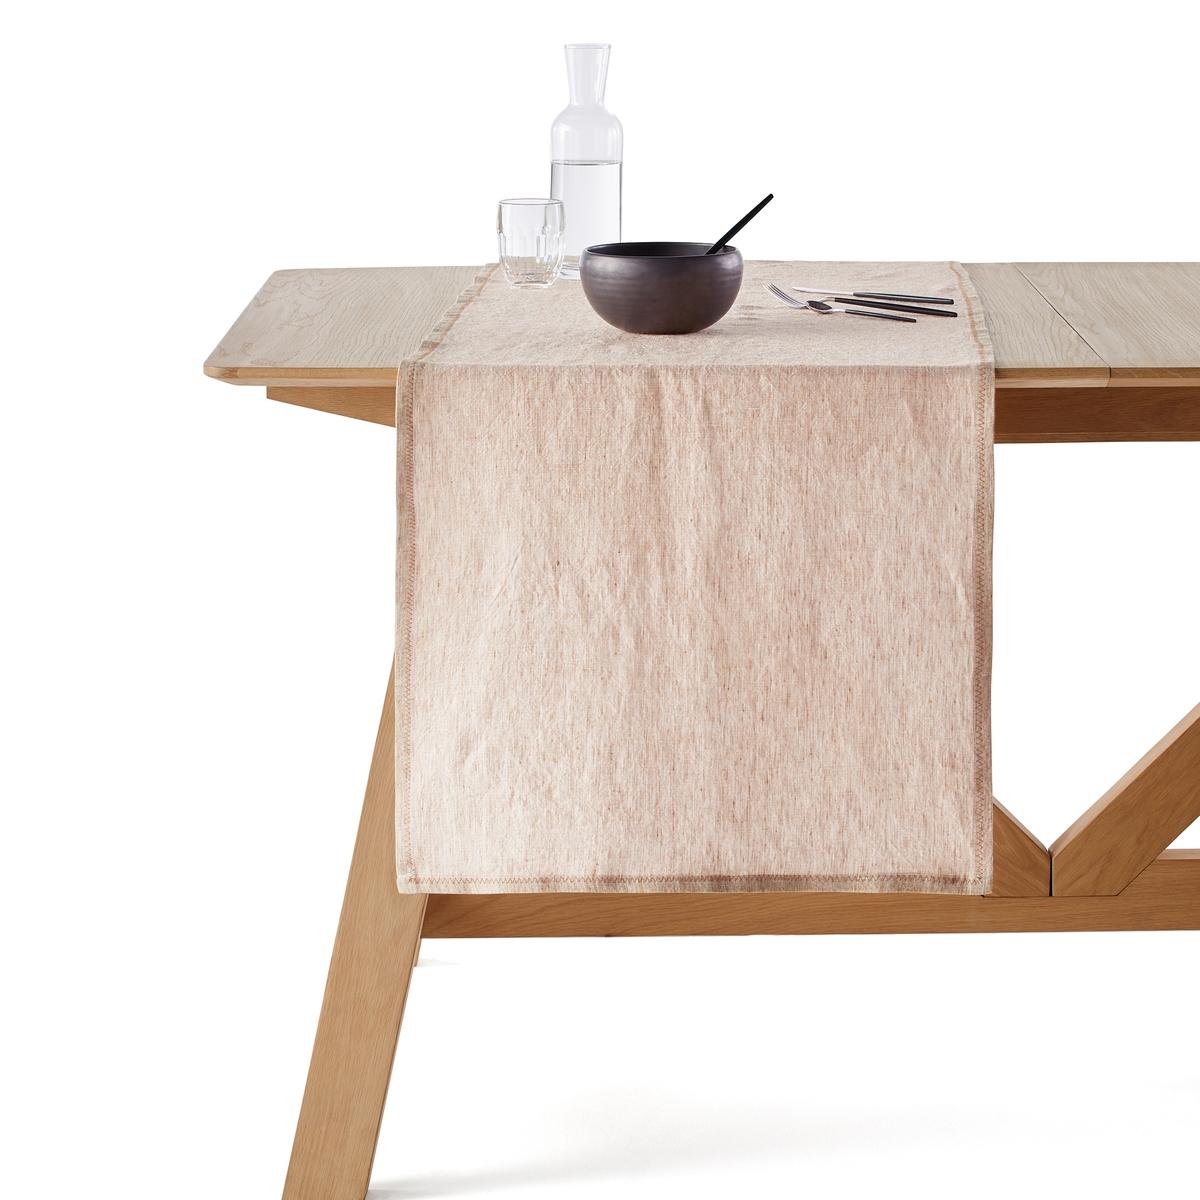 Дорожка столовая из льна 52x200 см, Chandraki дорожка столовая éventail